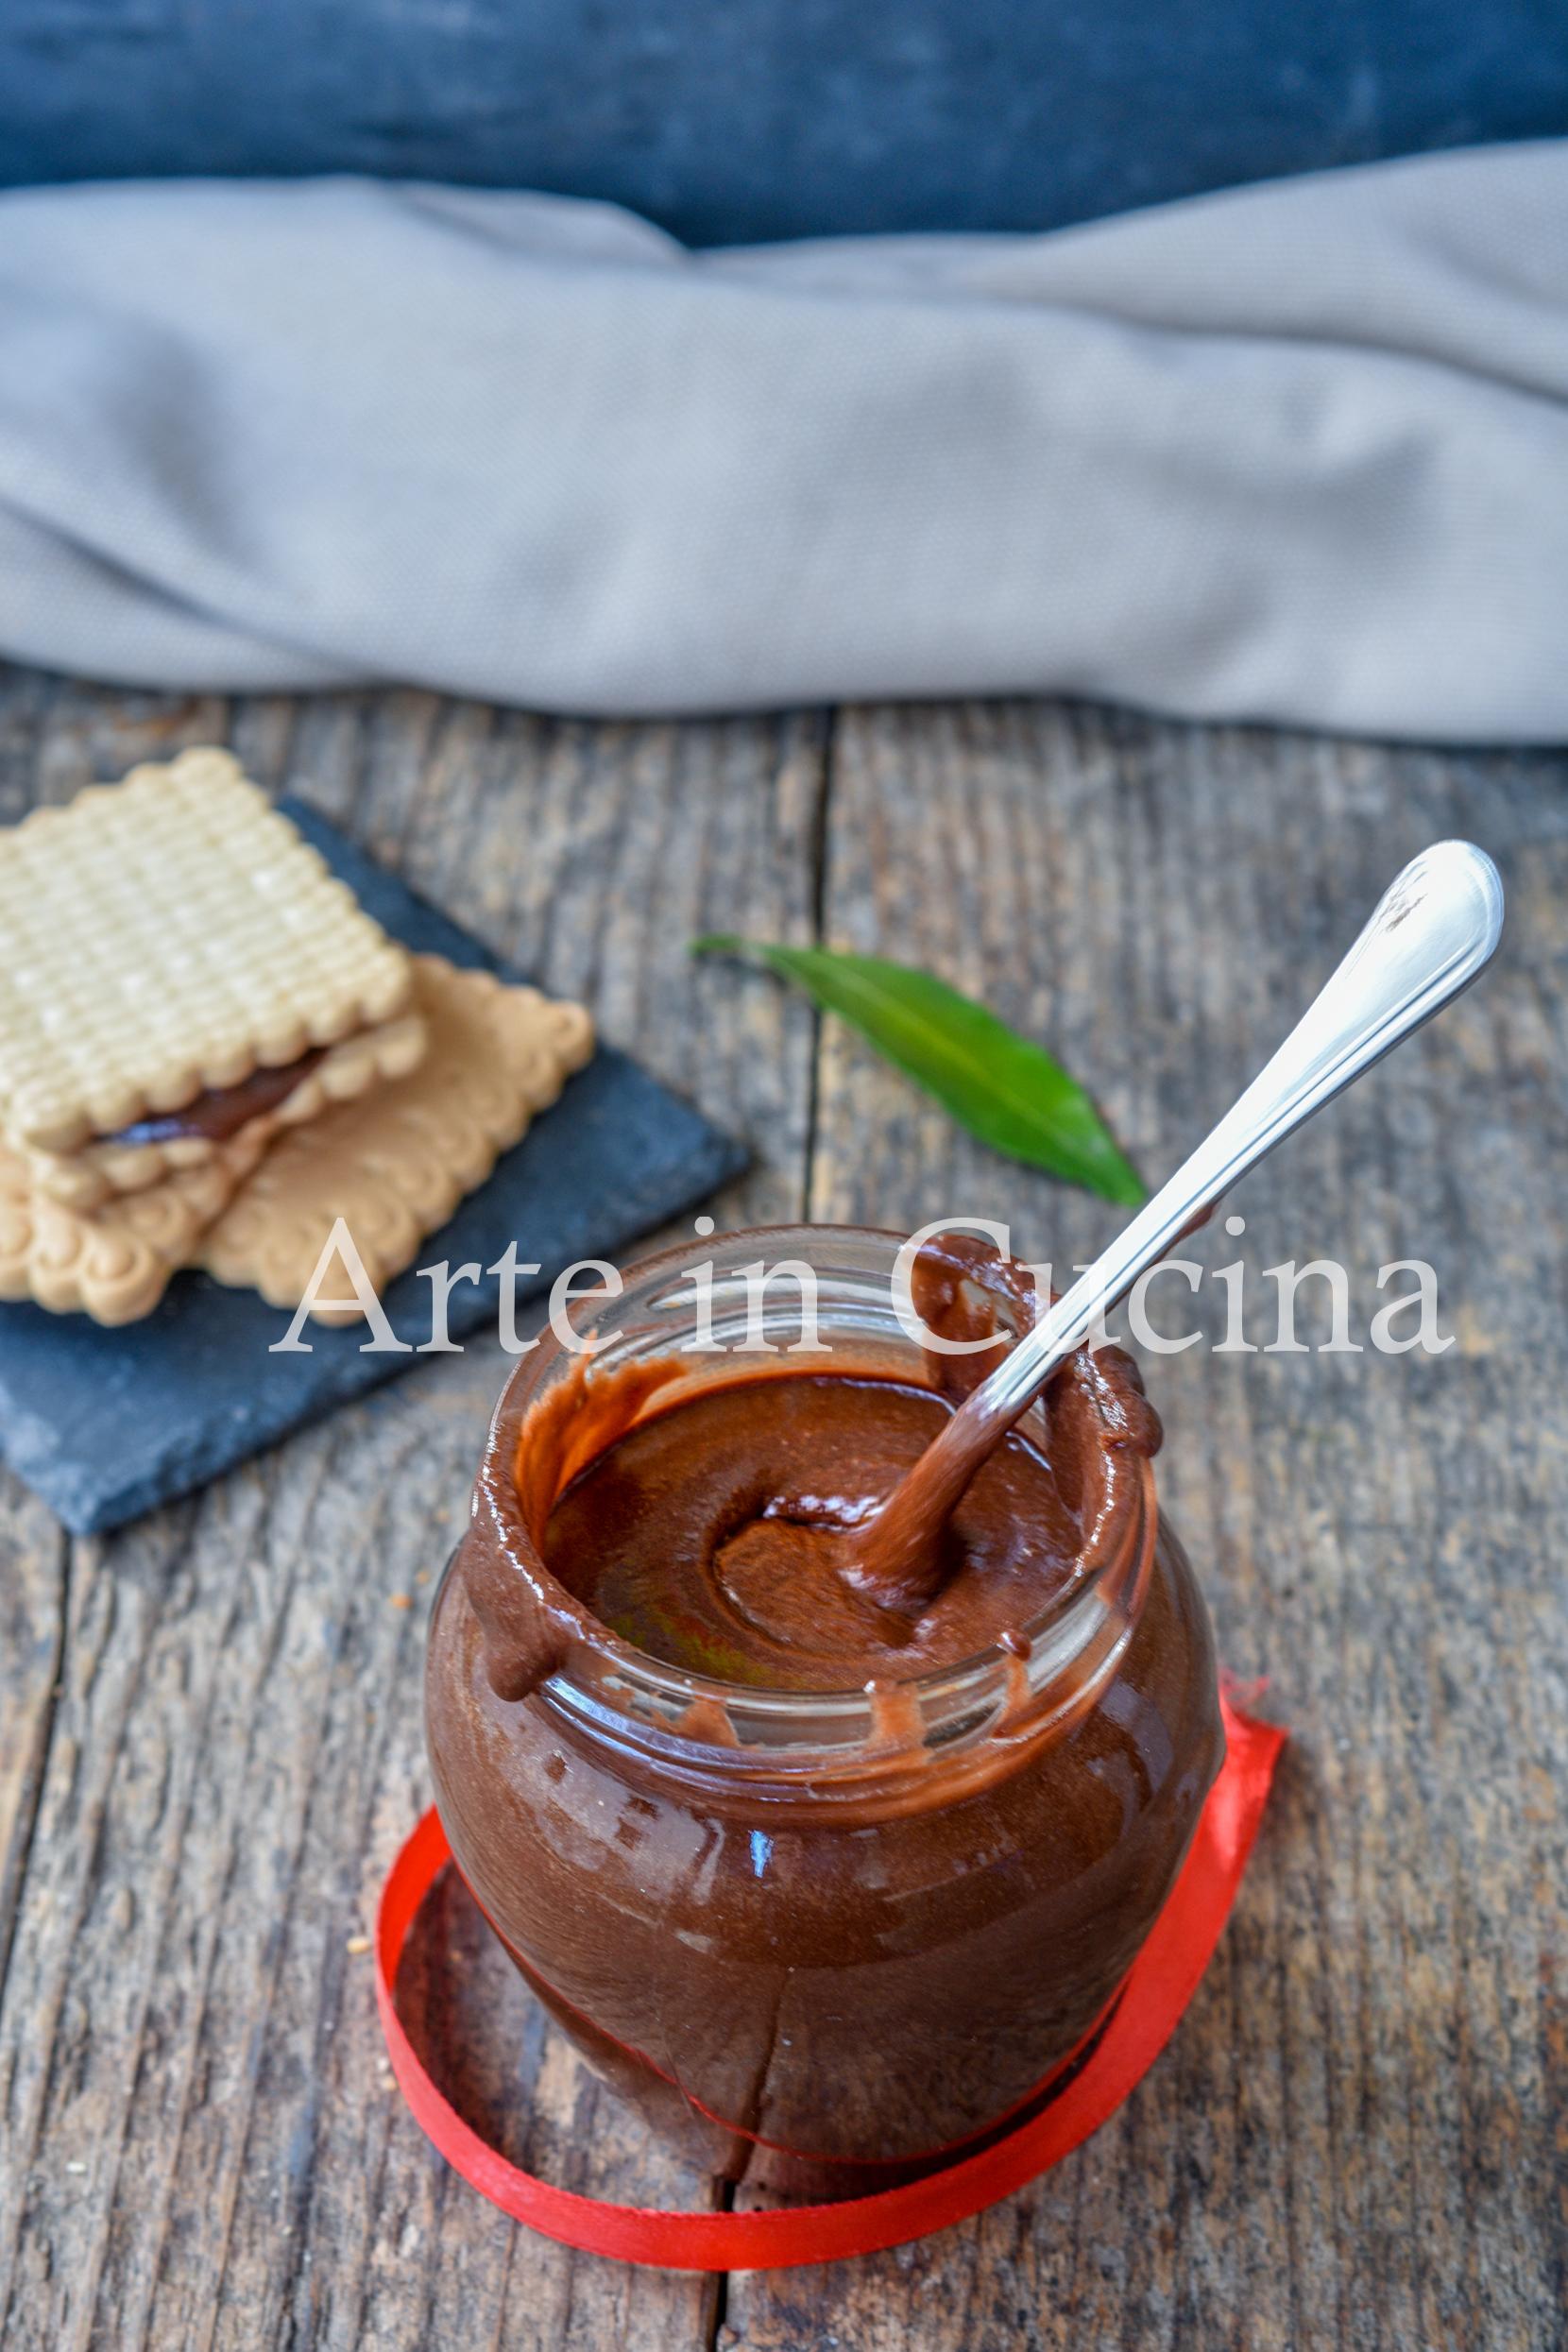 Crema spalmabile di biscotti e nocciole